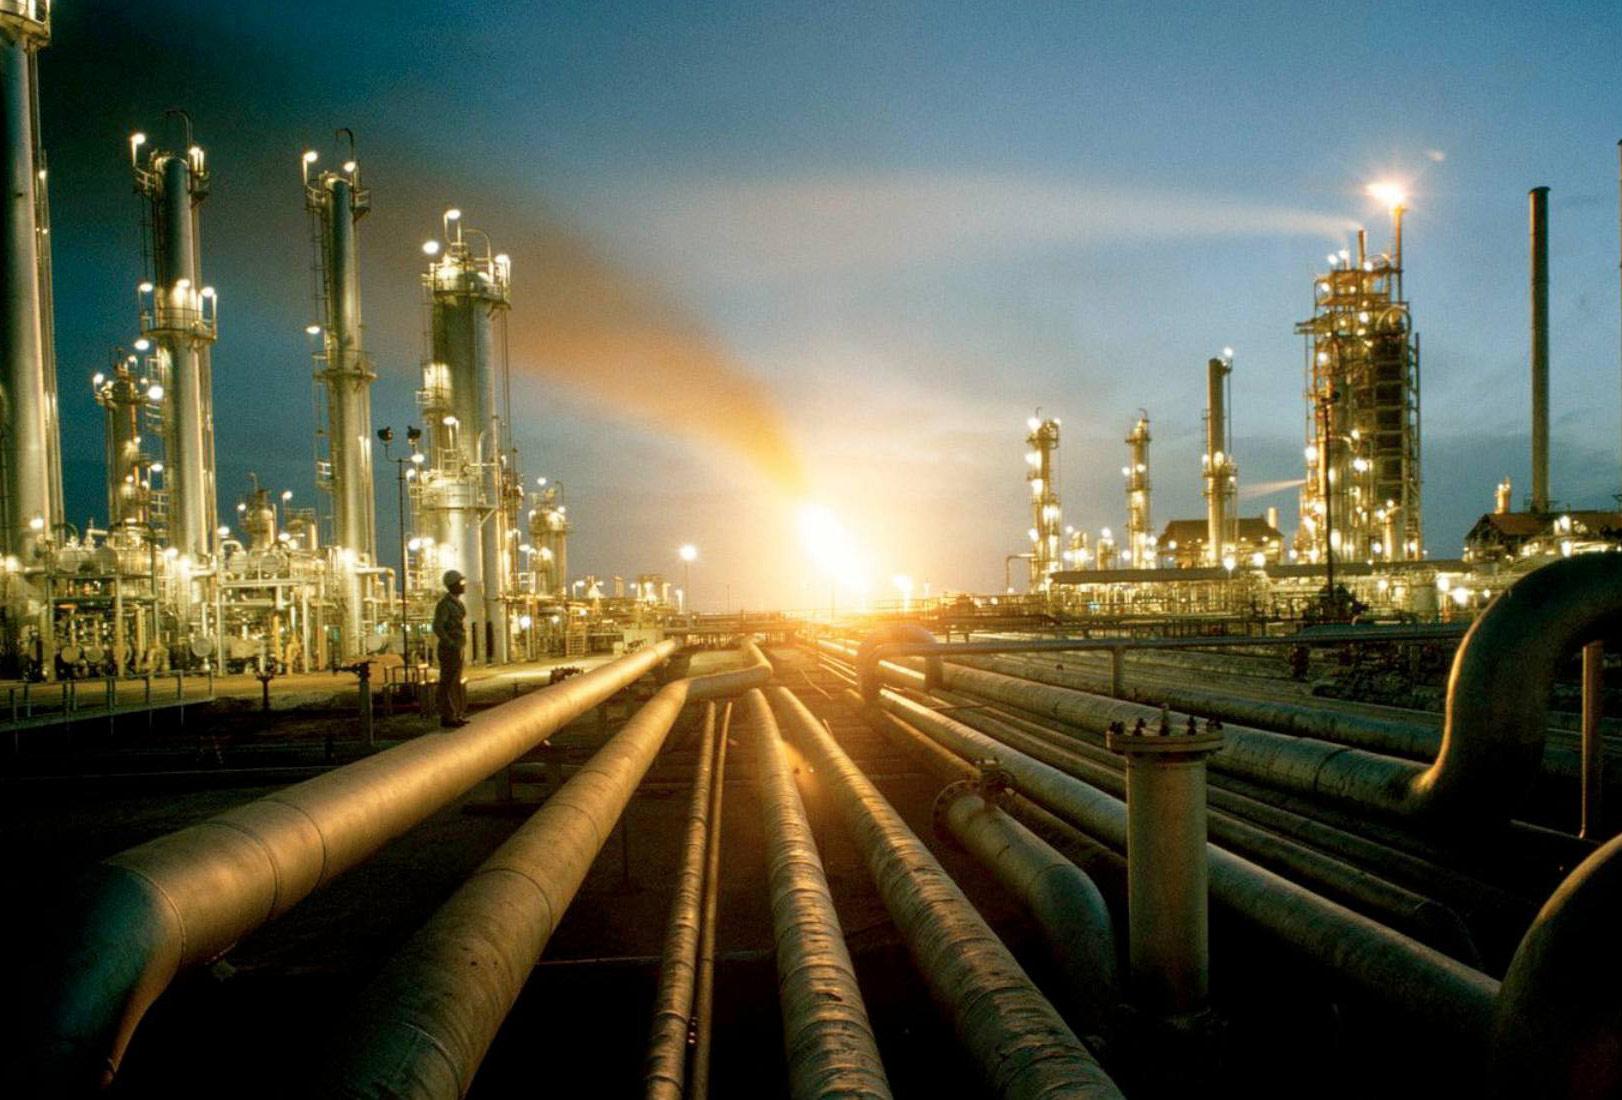 تحریم یک شرکت نفتی کوبا به دلیل همکاری با ونزوئلا